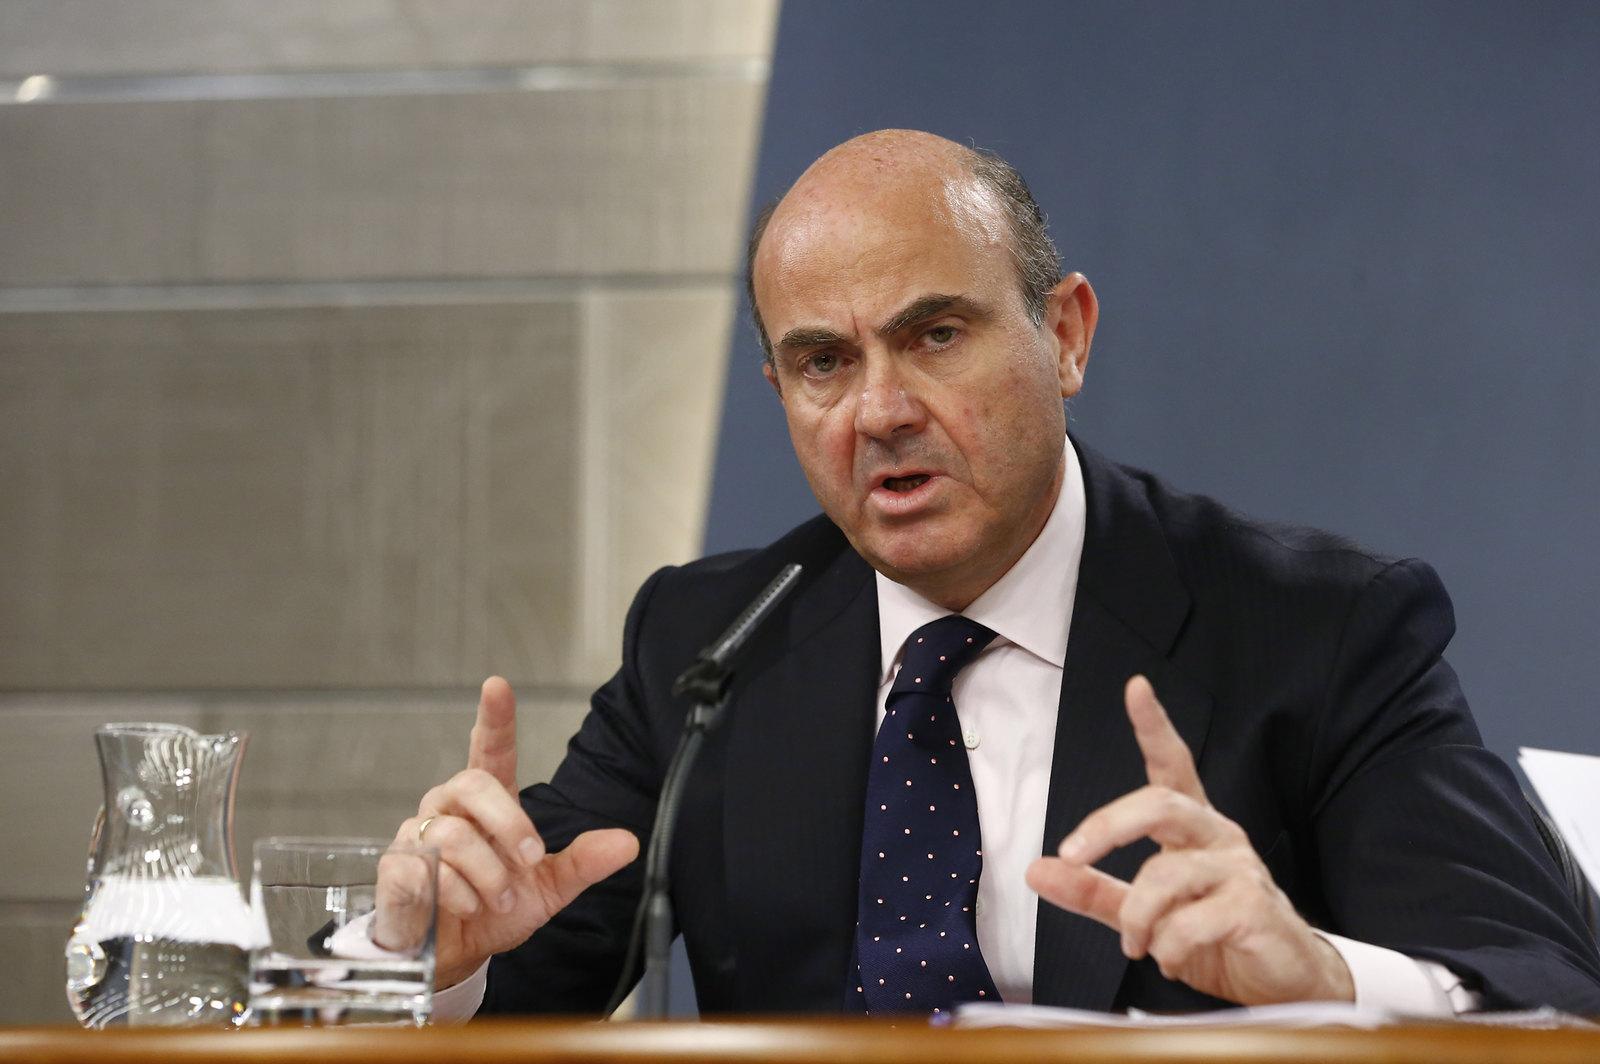 El ministro de relaciones (económicas) con Europa